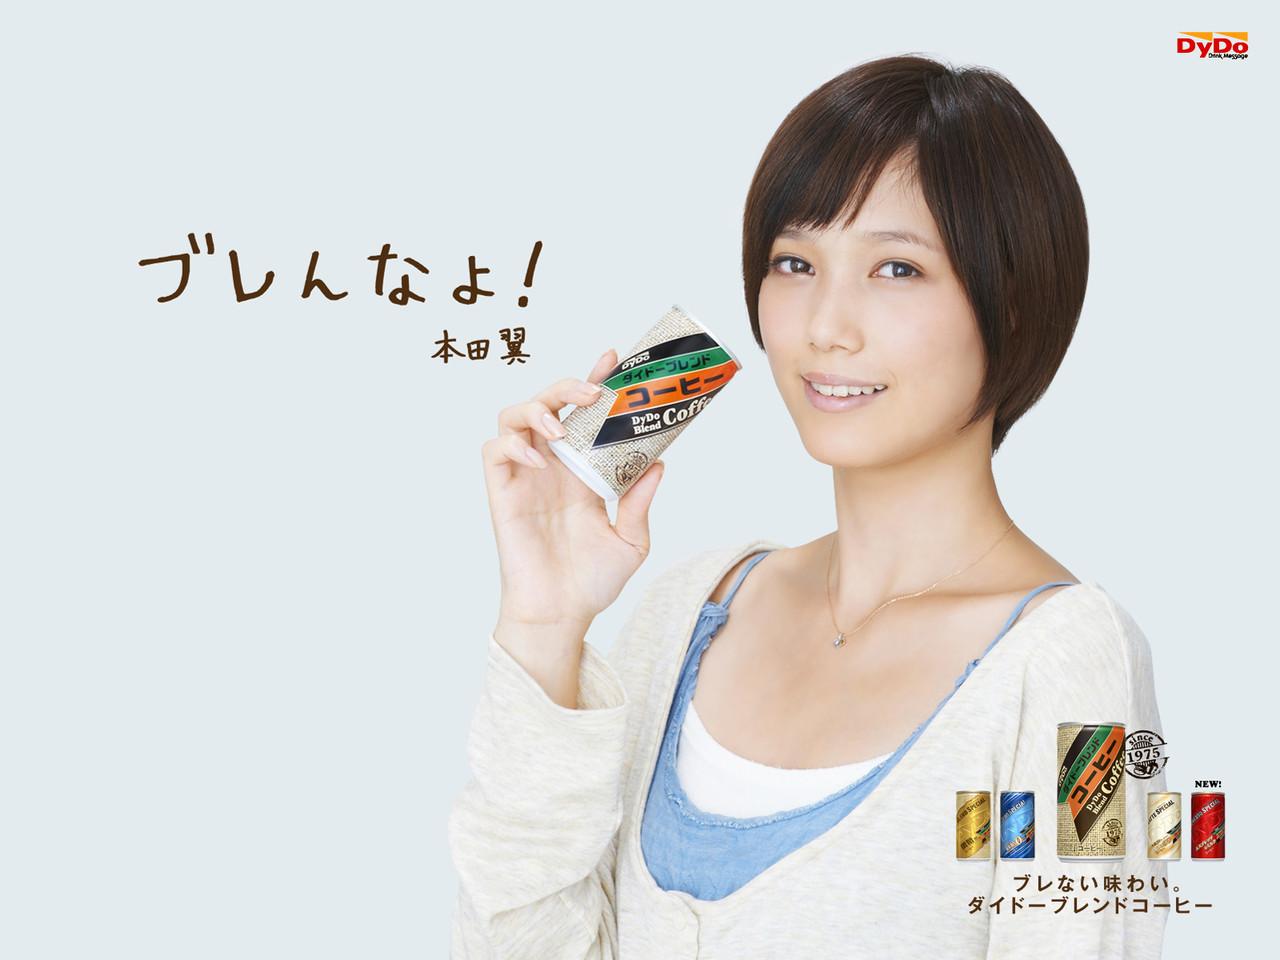 本田翼 Tsubasa Honda Images 11